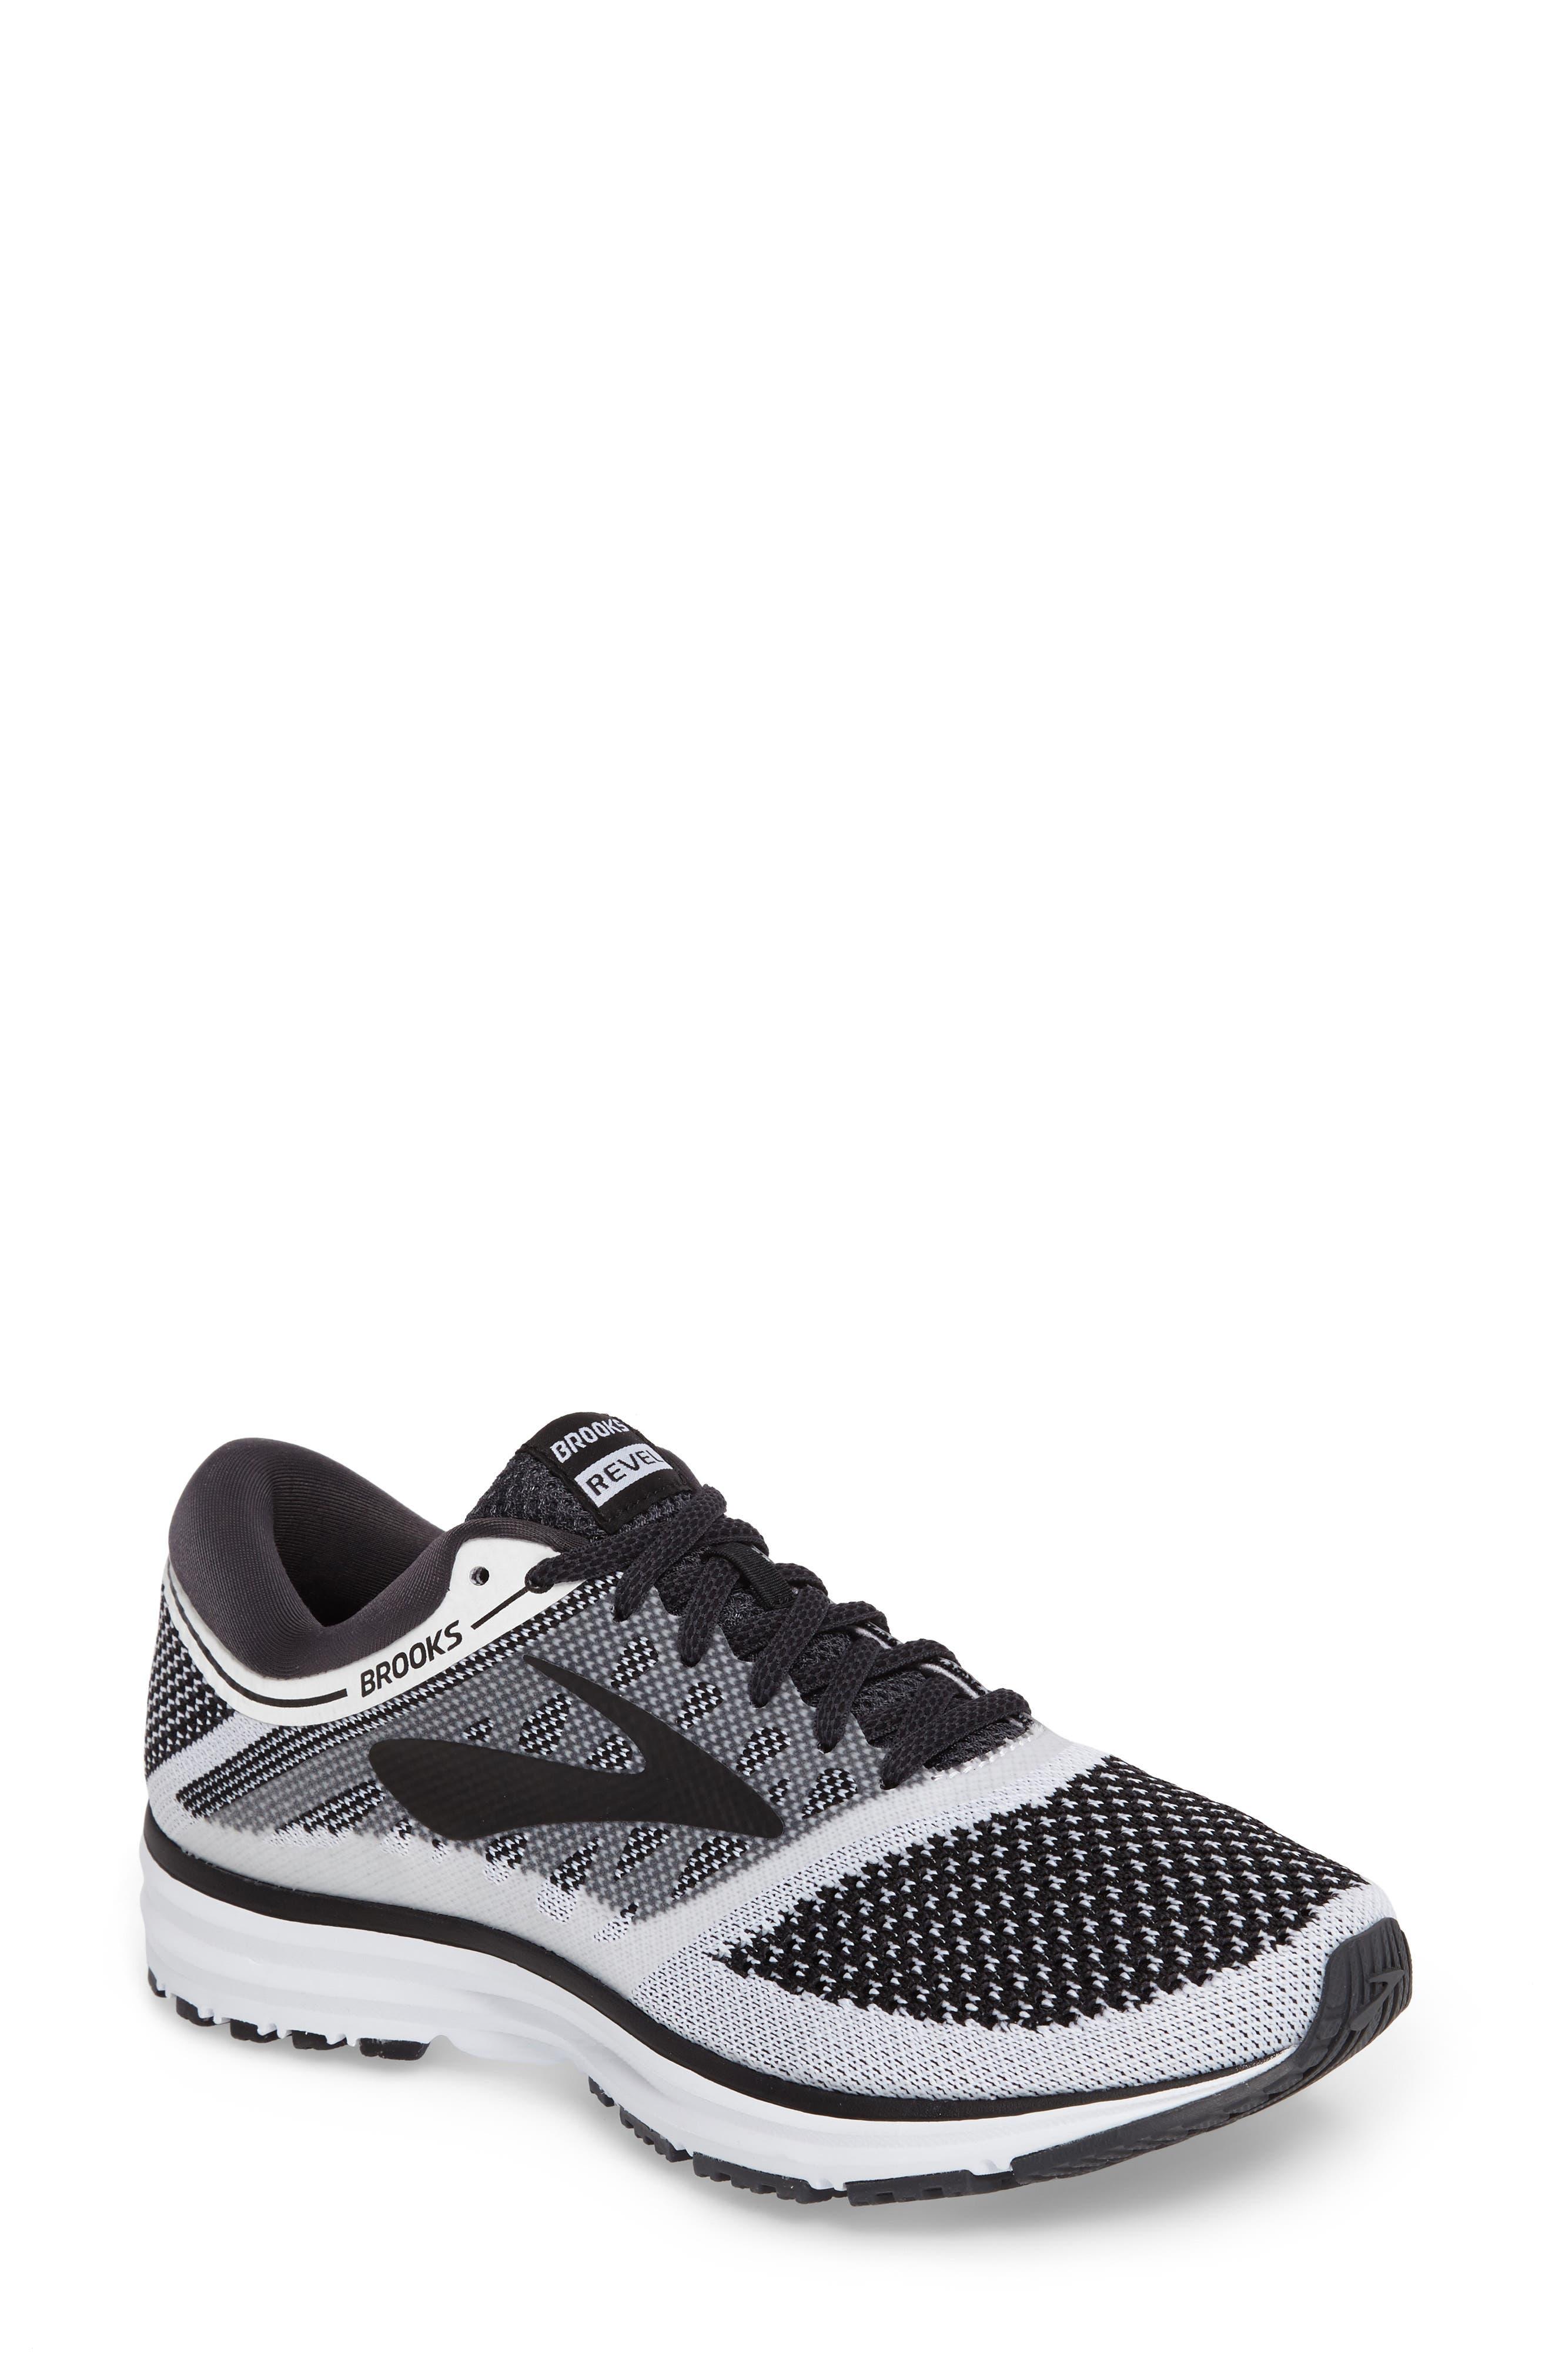 Brooks Revel Sneaker (Women)